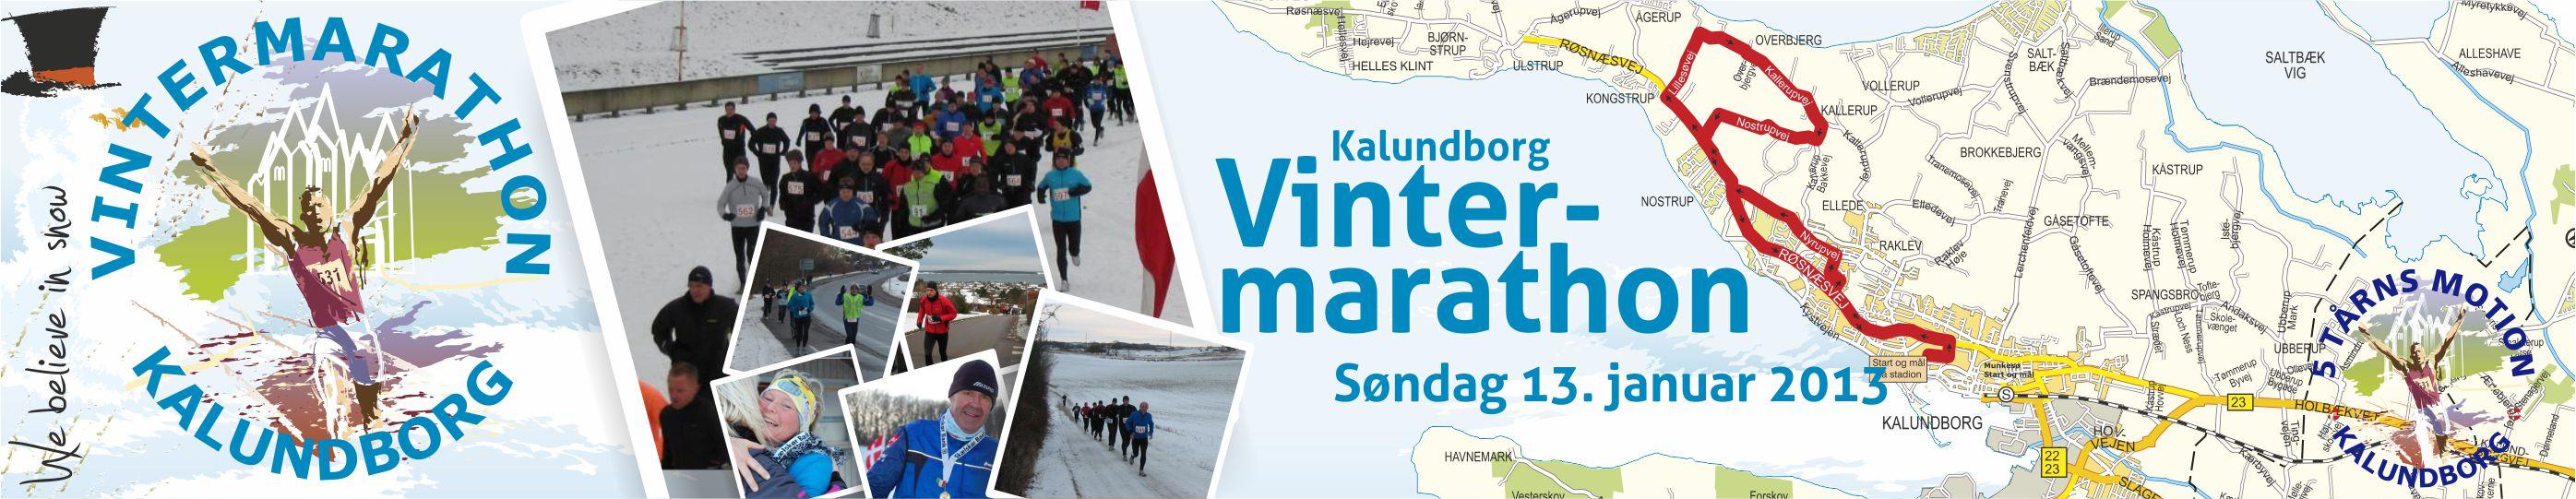 VintermarathonTopbanner2013